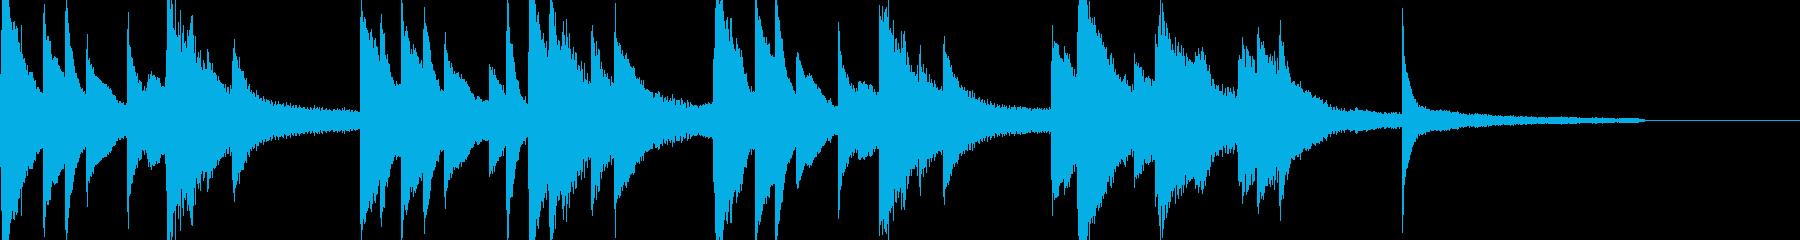 しっとりとした切ないピアノ曲の再生済みの波形